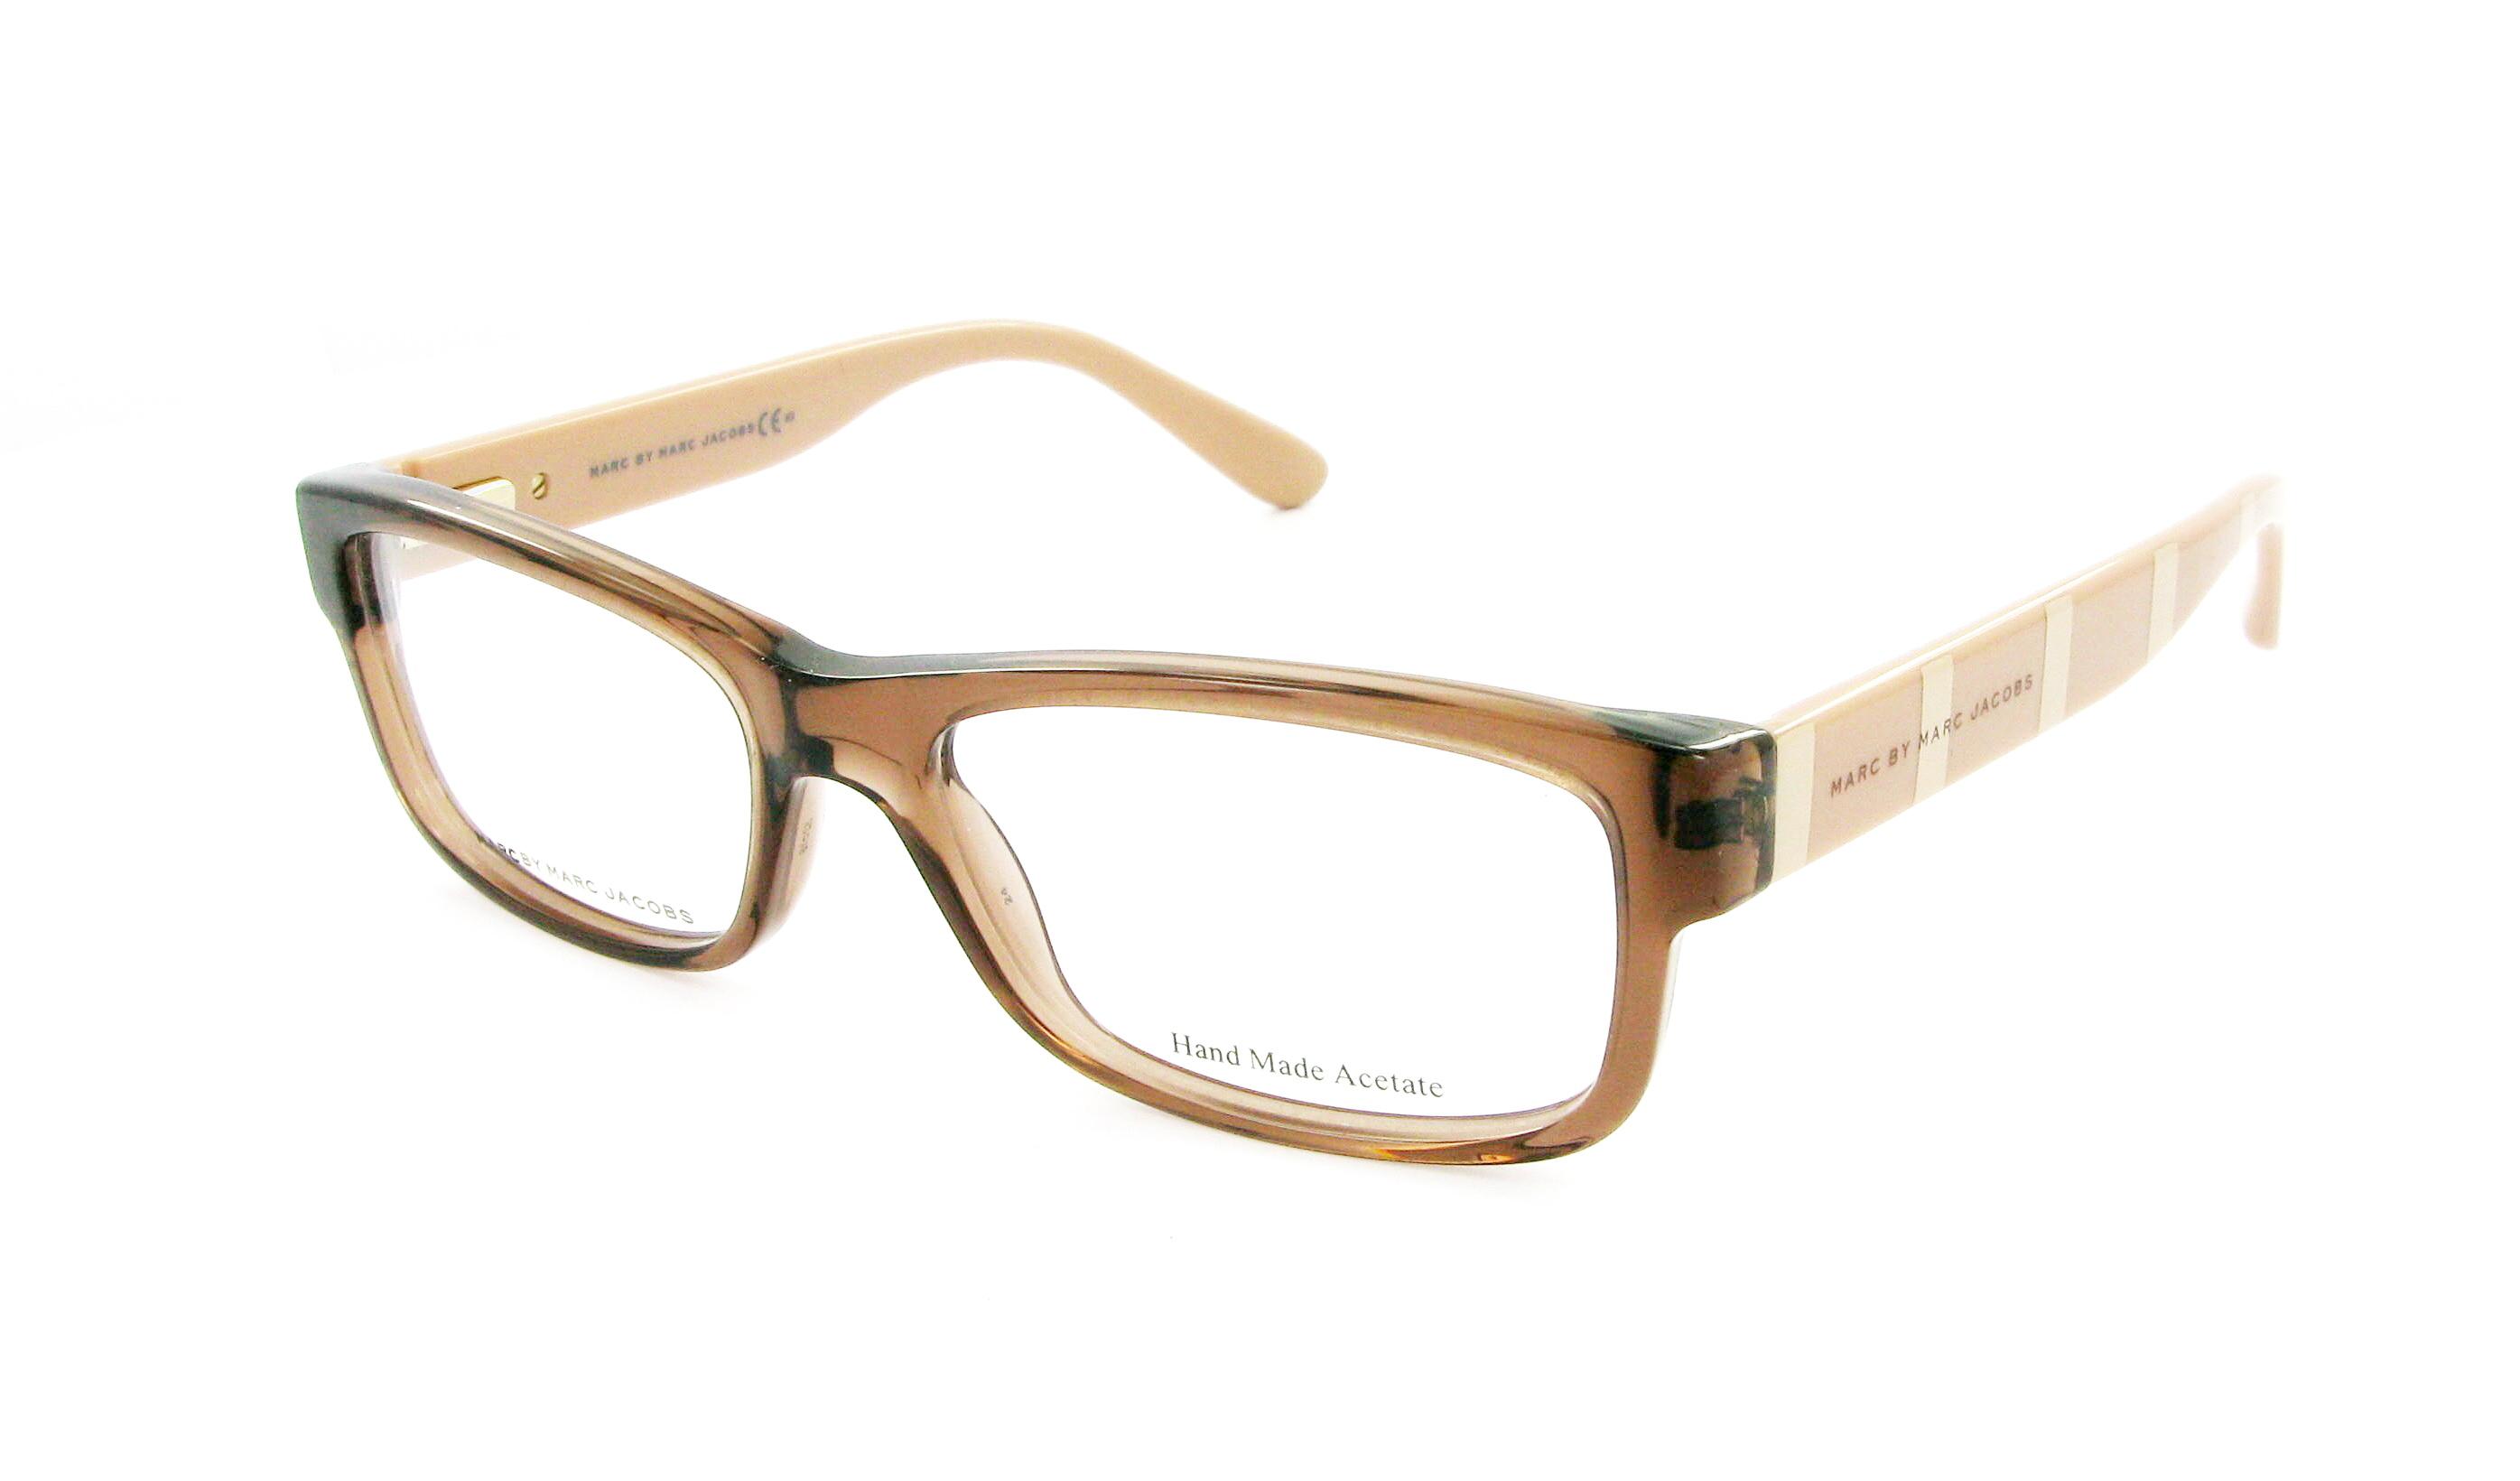 5b2fc594ace8a6 Marc Jacobs Lunettes. lunettes homme marc jacobs 2013 louisiana ...